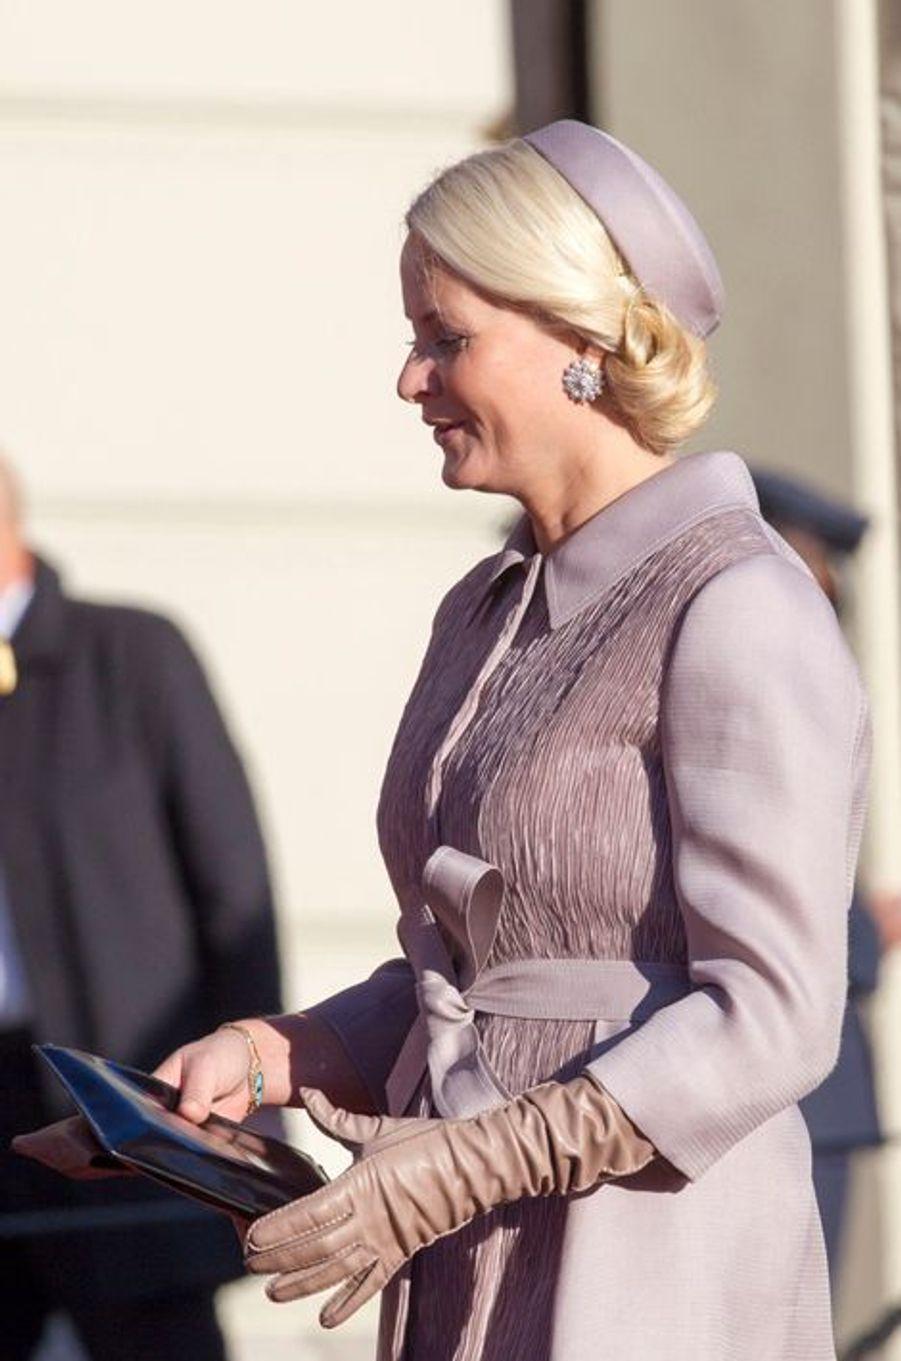 La princesse Mette-Marit lors de la visite officielle du président indien Pranab Mukherjee et de sa fille à Oslo, le 13 octobre 2014